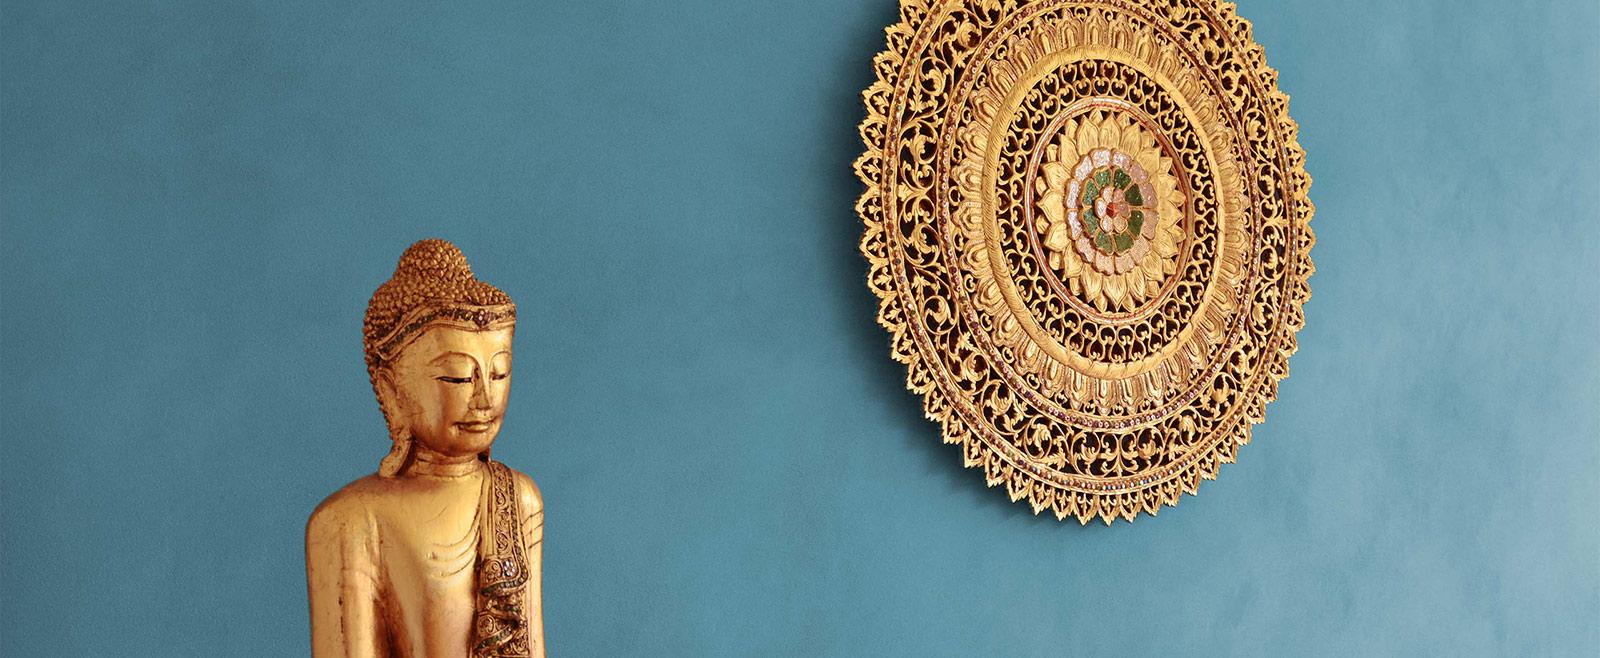 content-referenzen-details-swissyoga-buddha-desktop